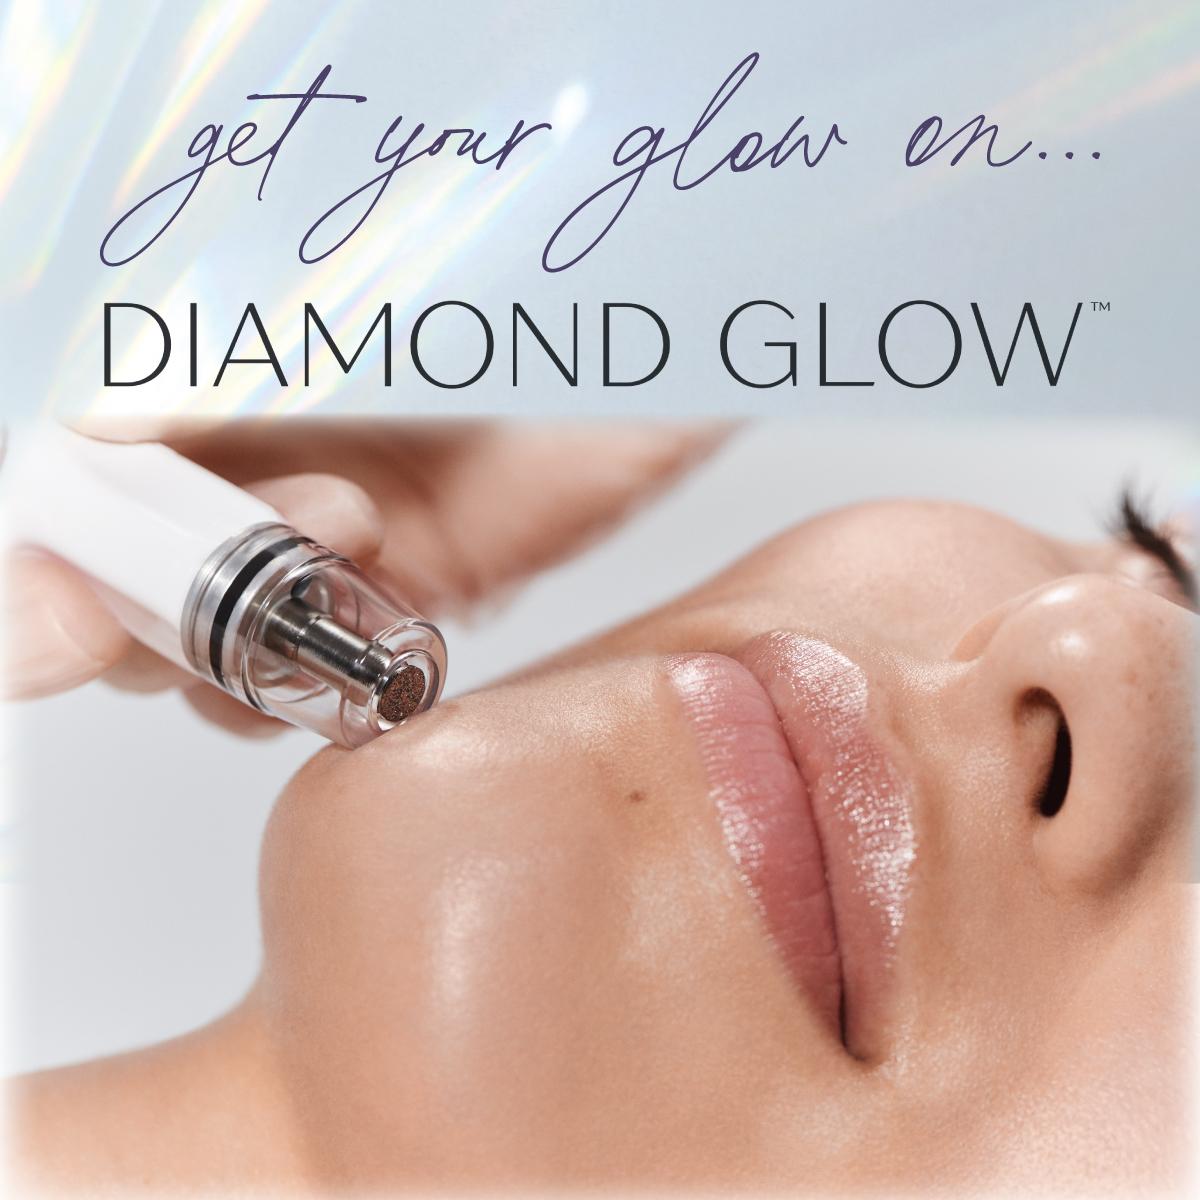 diamond glow get your glow on